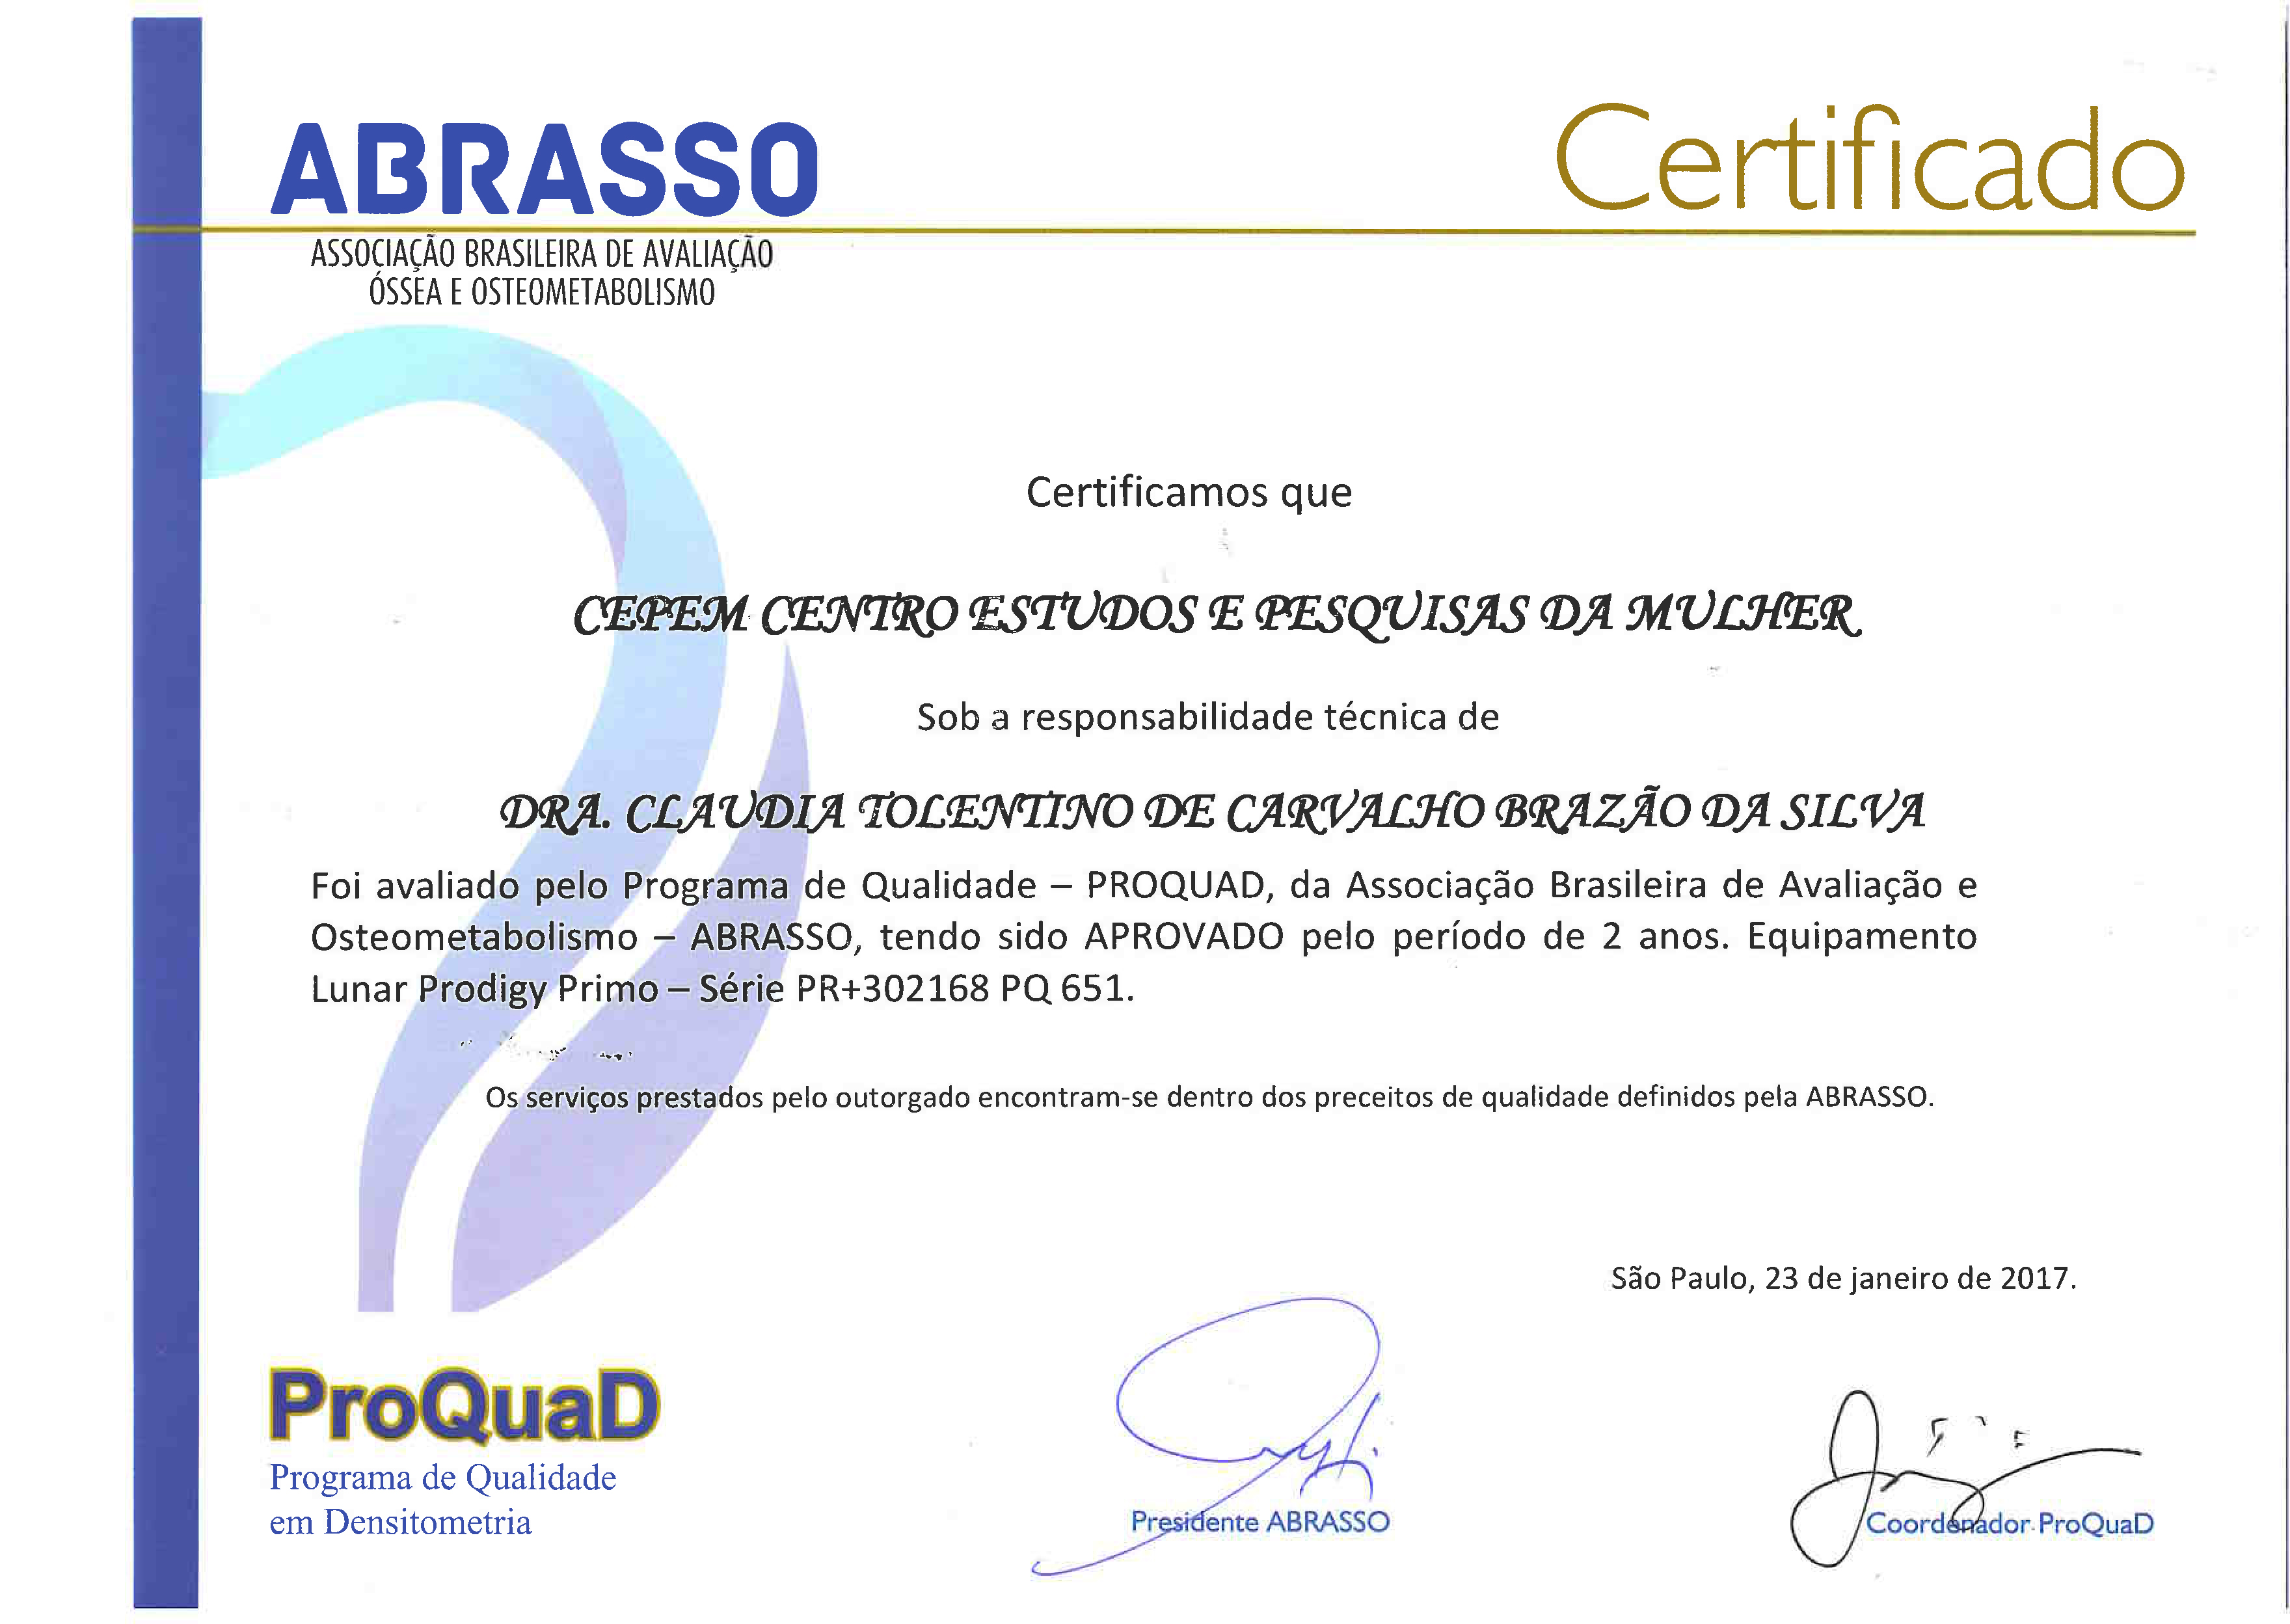 PROQUAD Certificado Lunar Prodigy Validade 23 01 2019 (Botafogo)